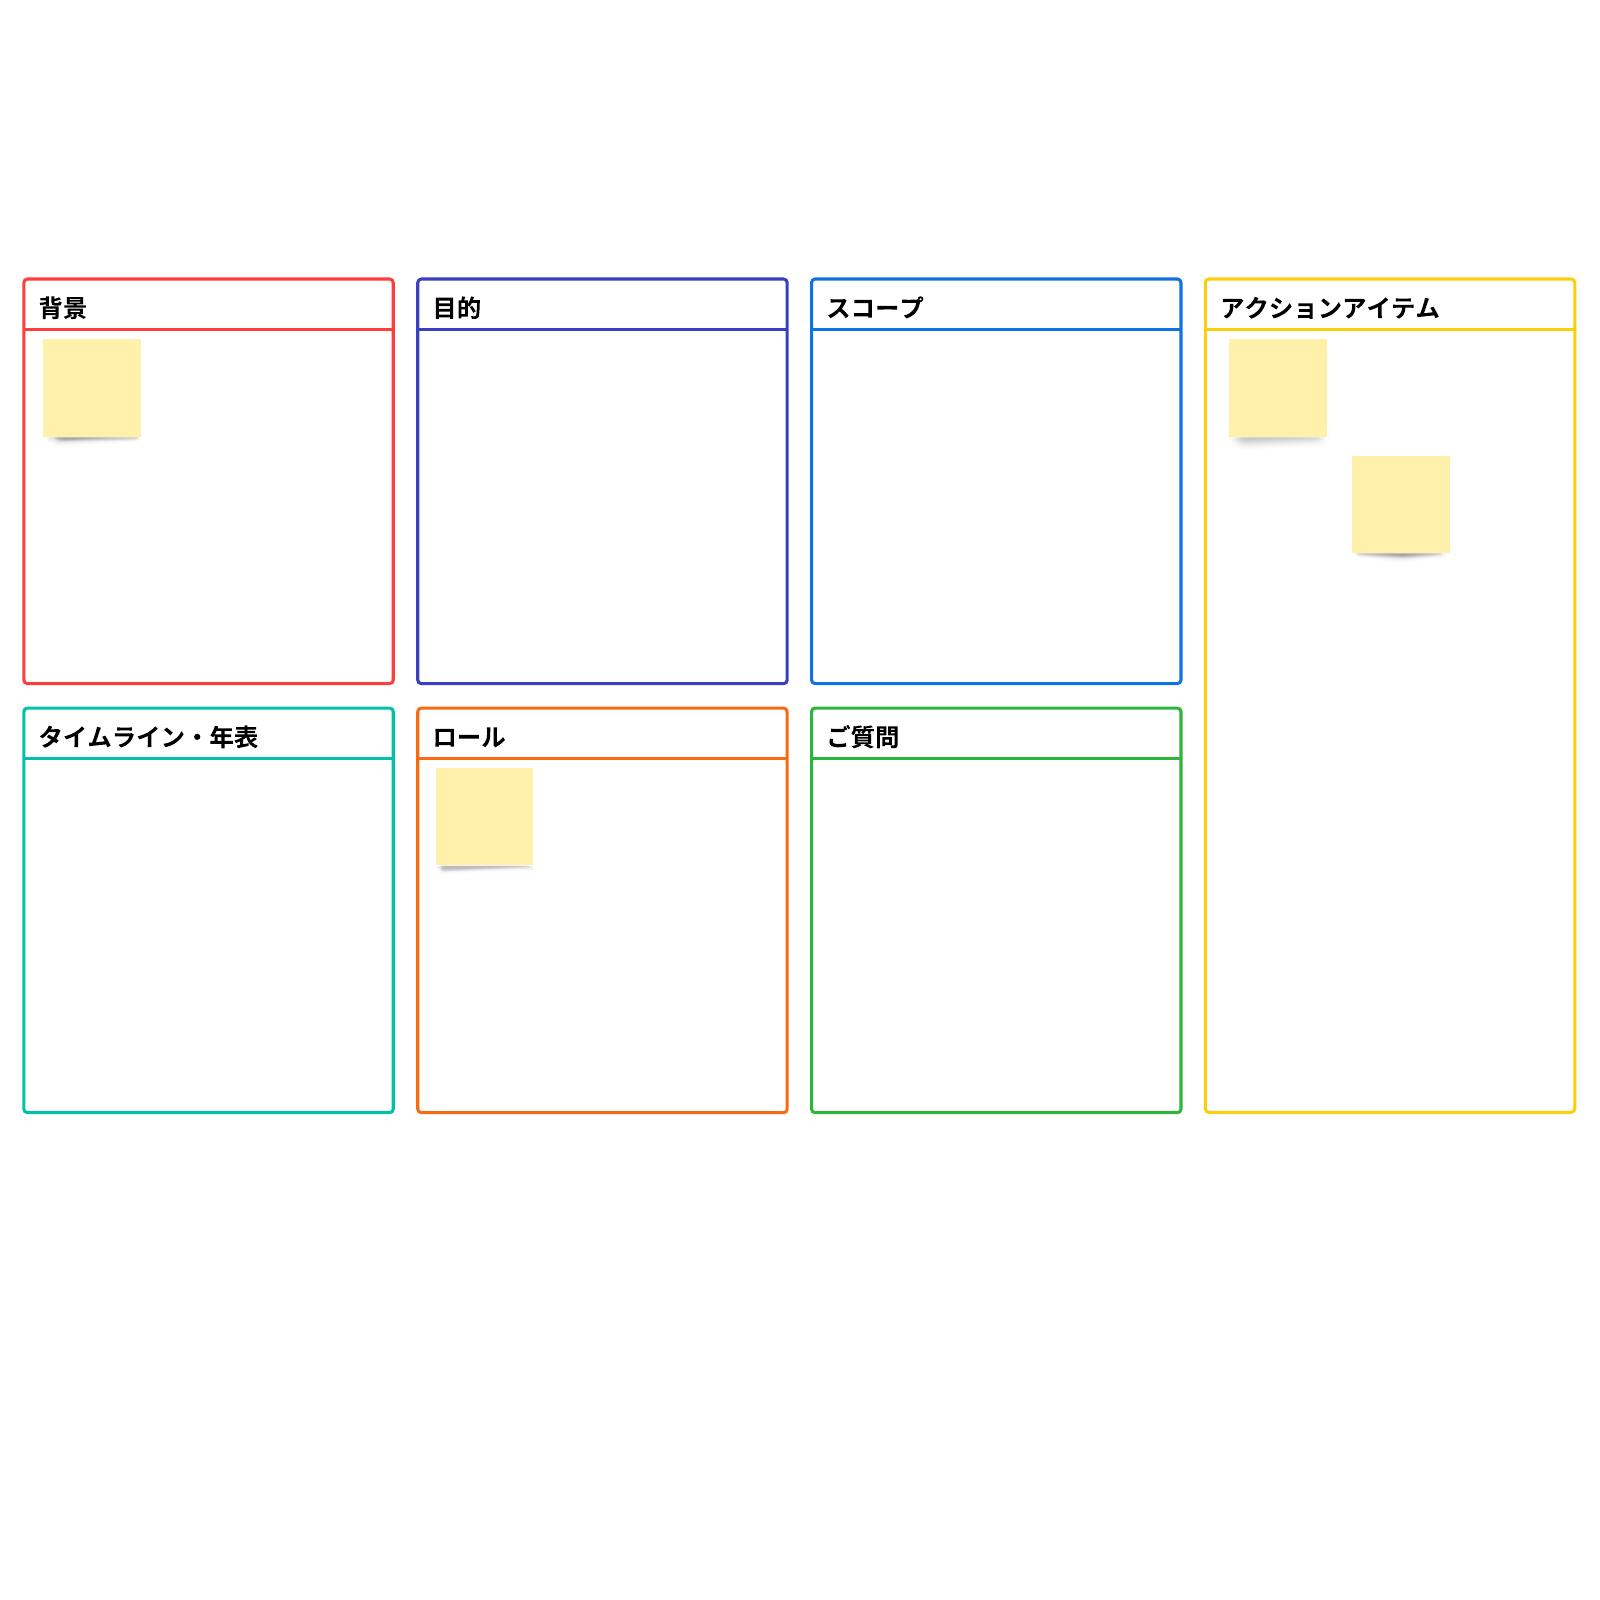 プロジェクトキックオフテンプレート